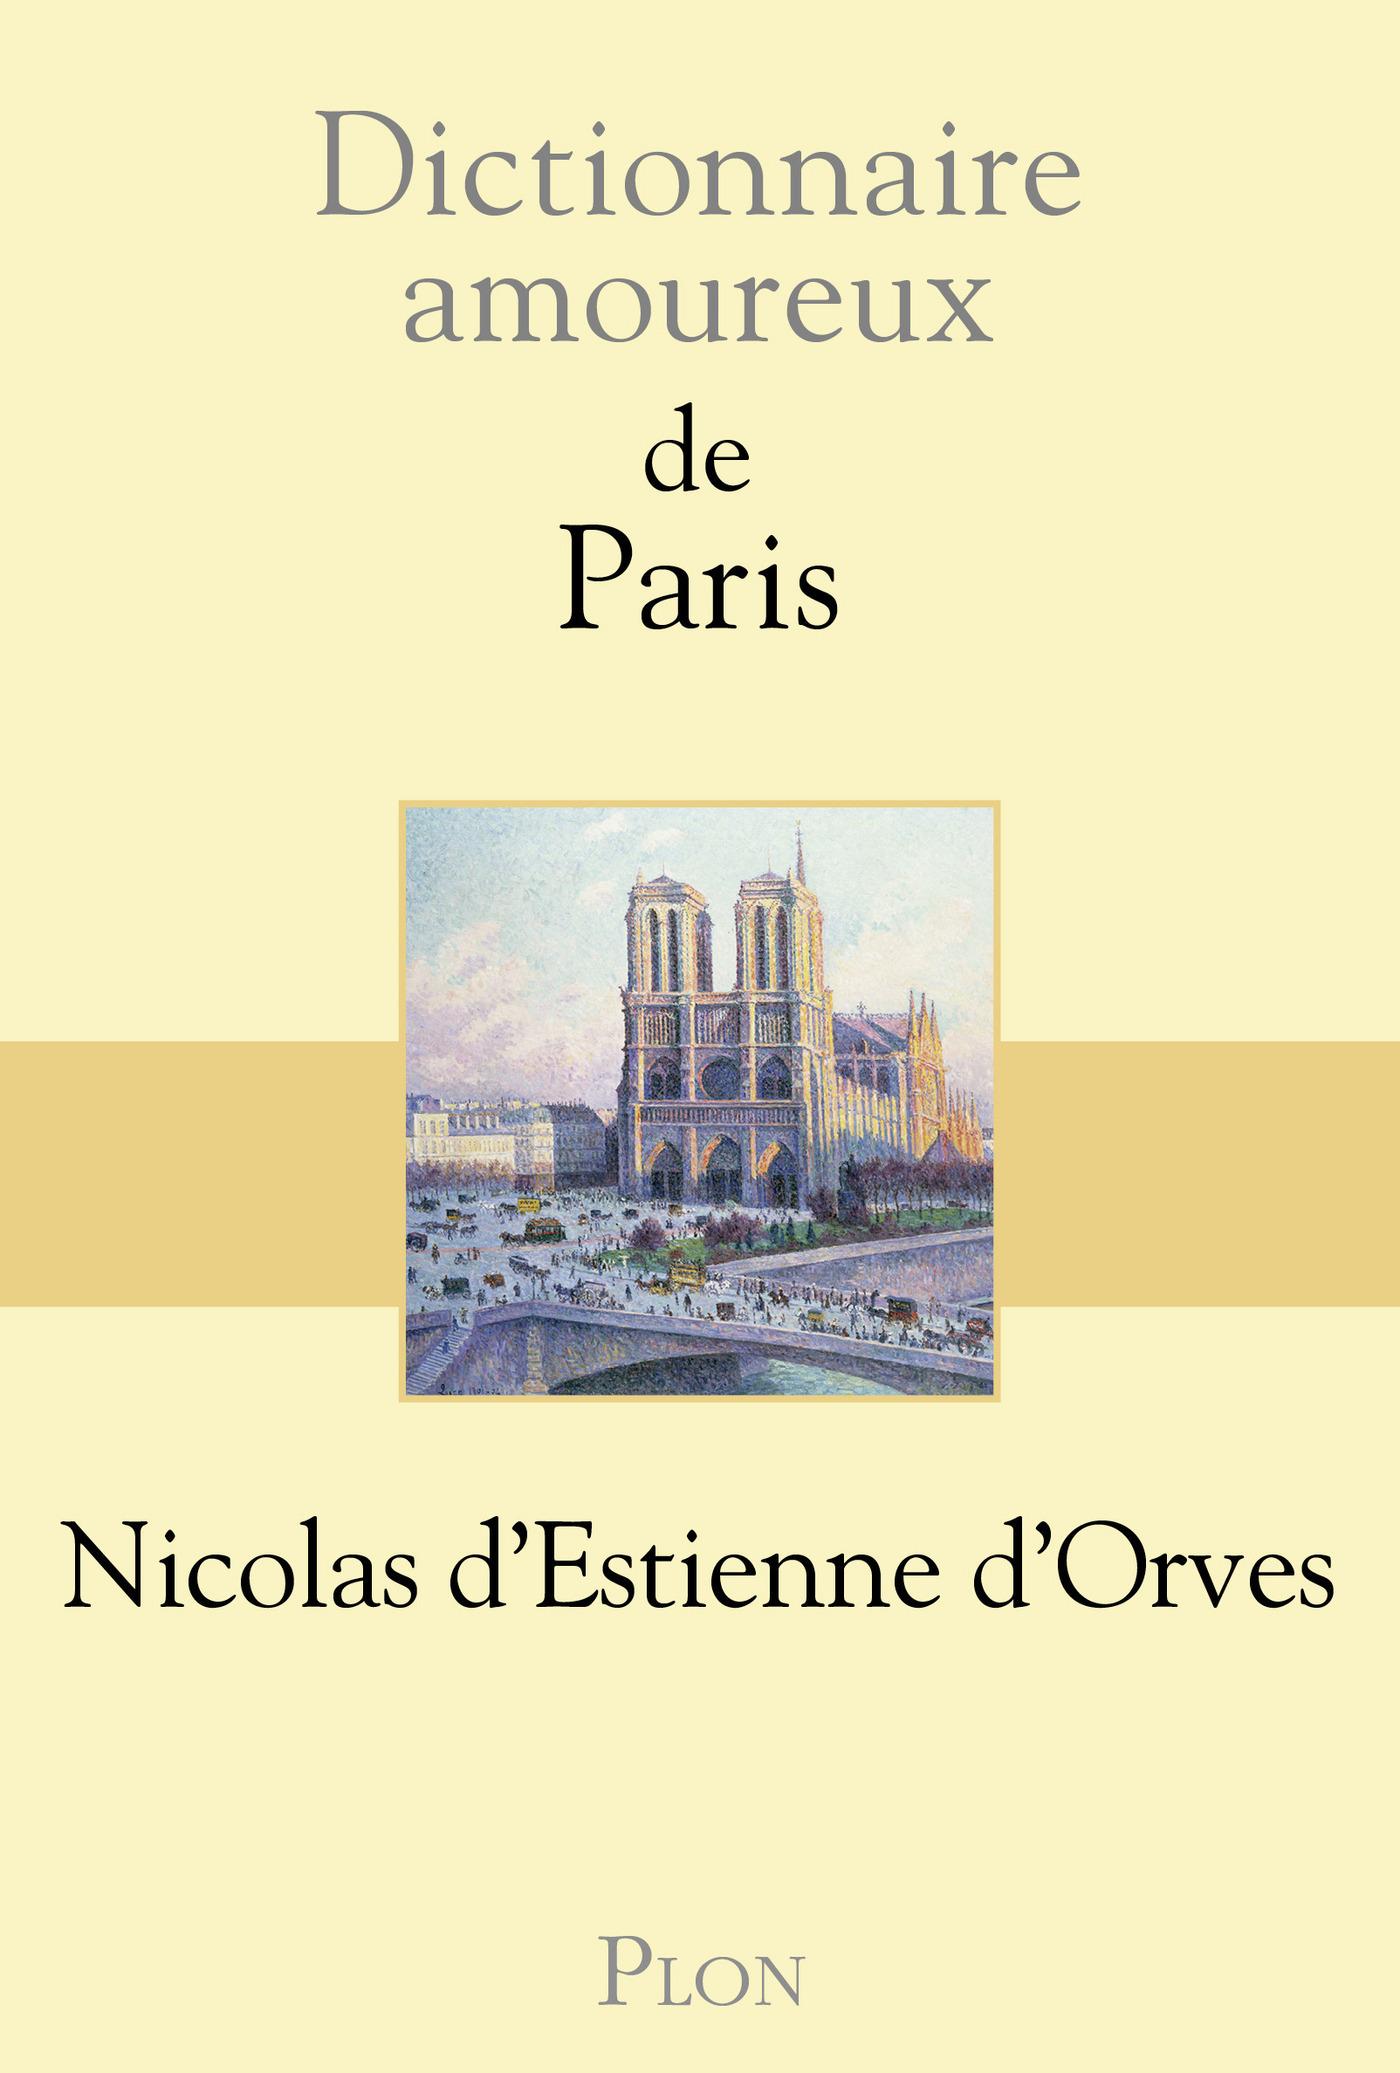 Dictionnaire amoureux de Paris